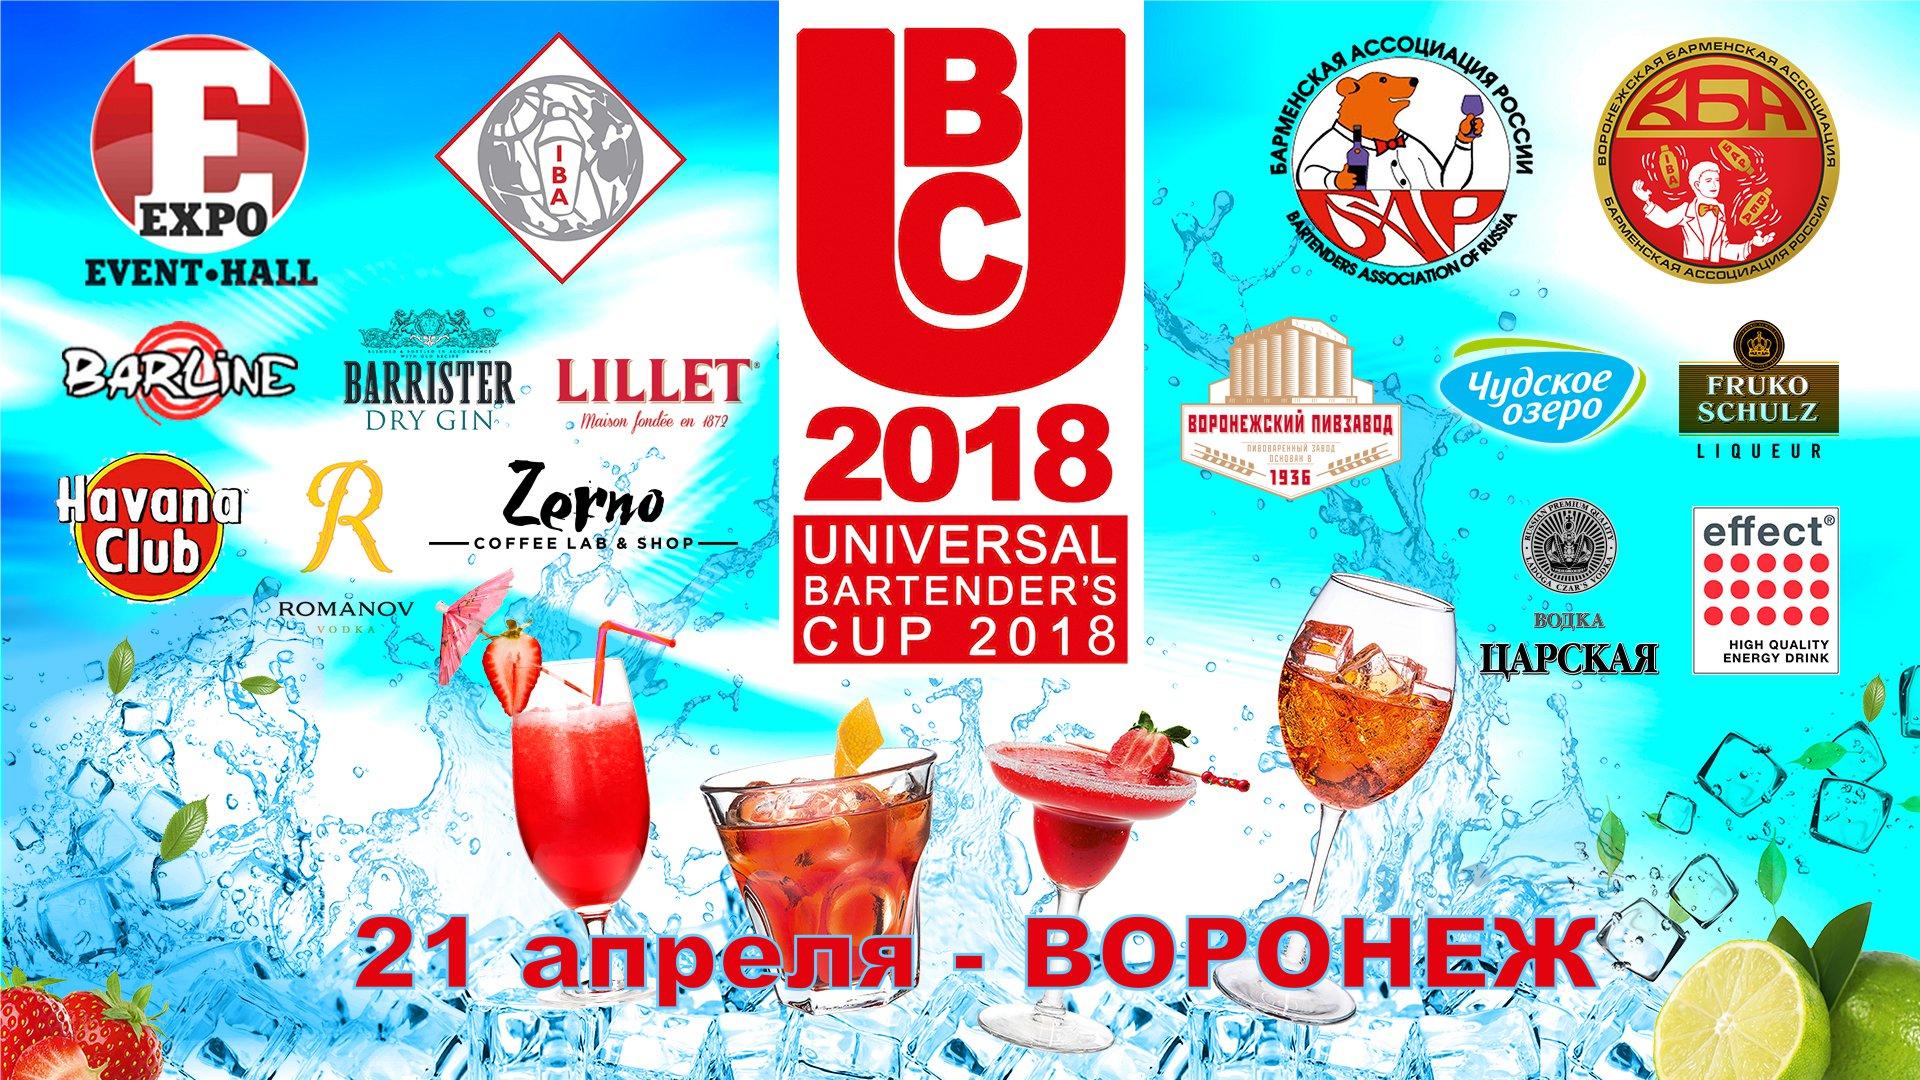 Афиша UBC 2018 1